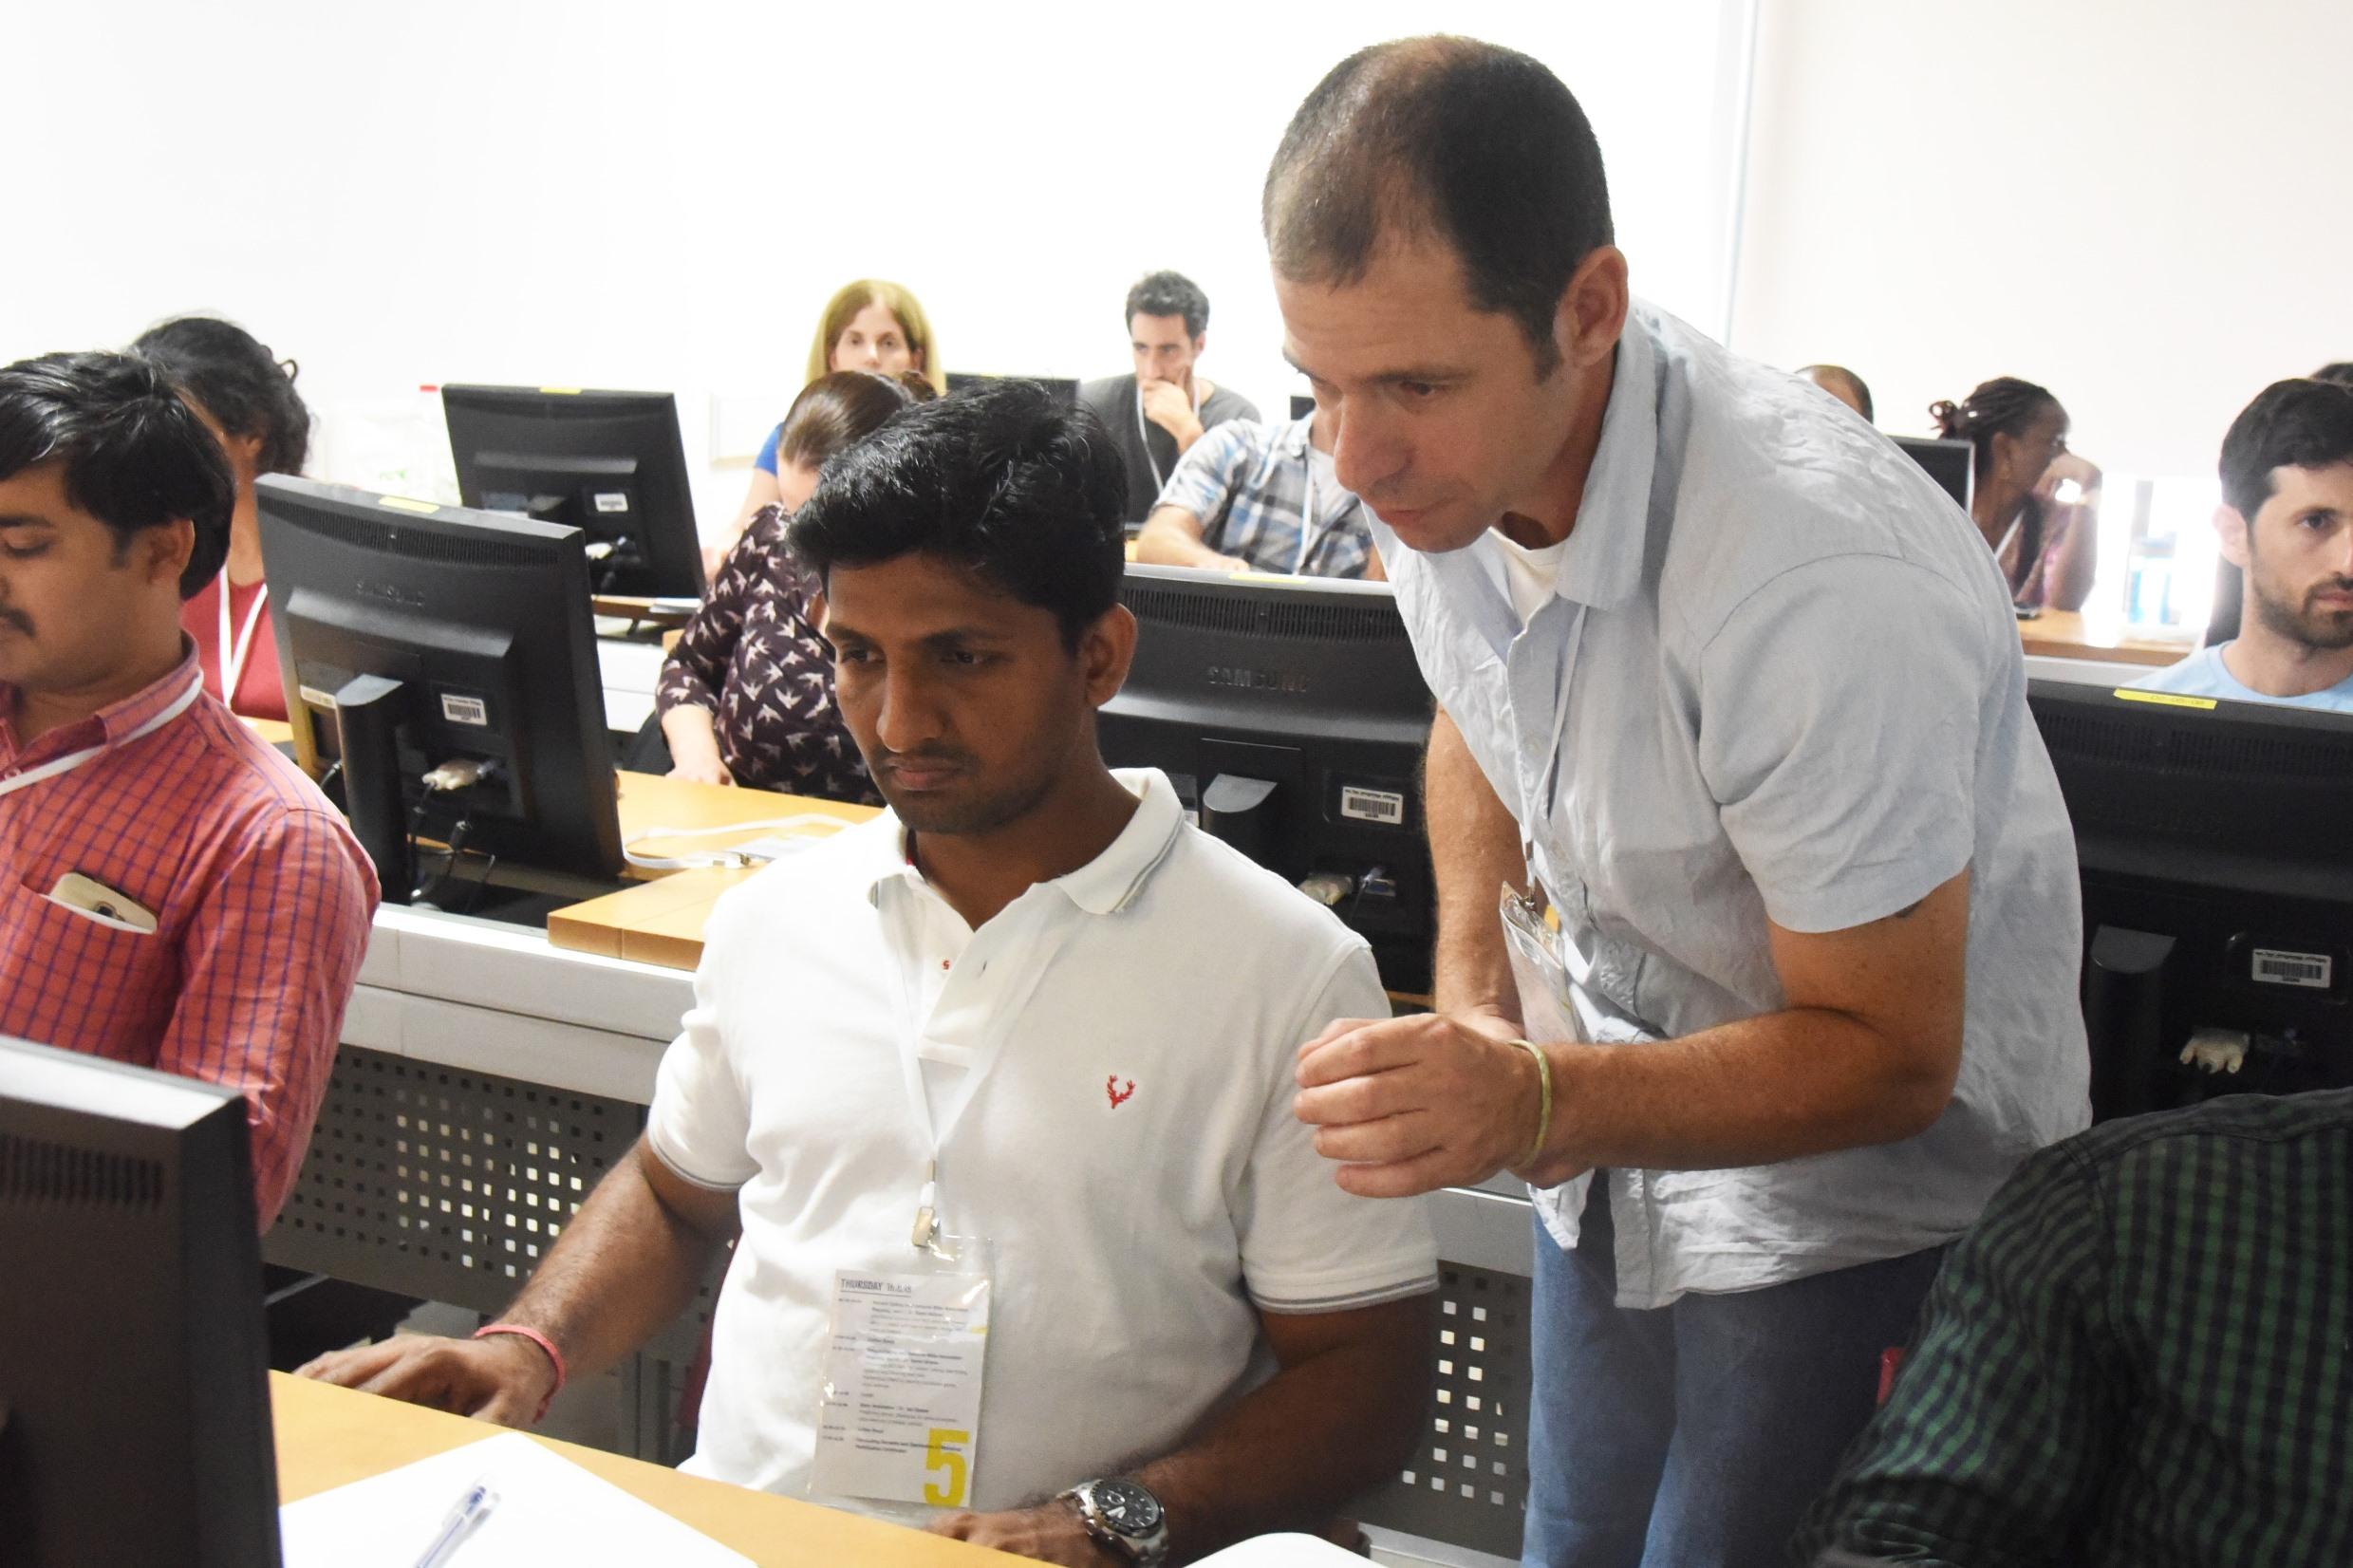 הסדנה הבינלאומית השנתית לביולוגיה חישובית